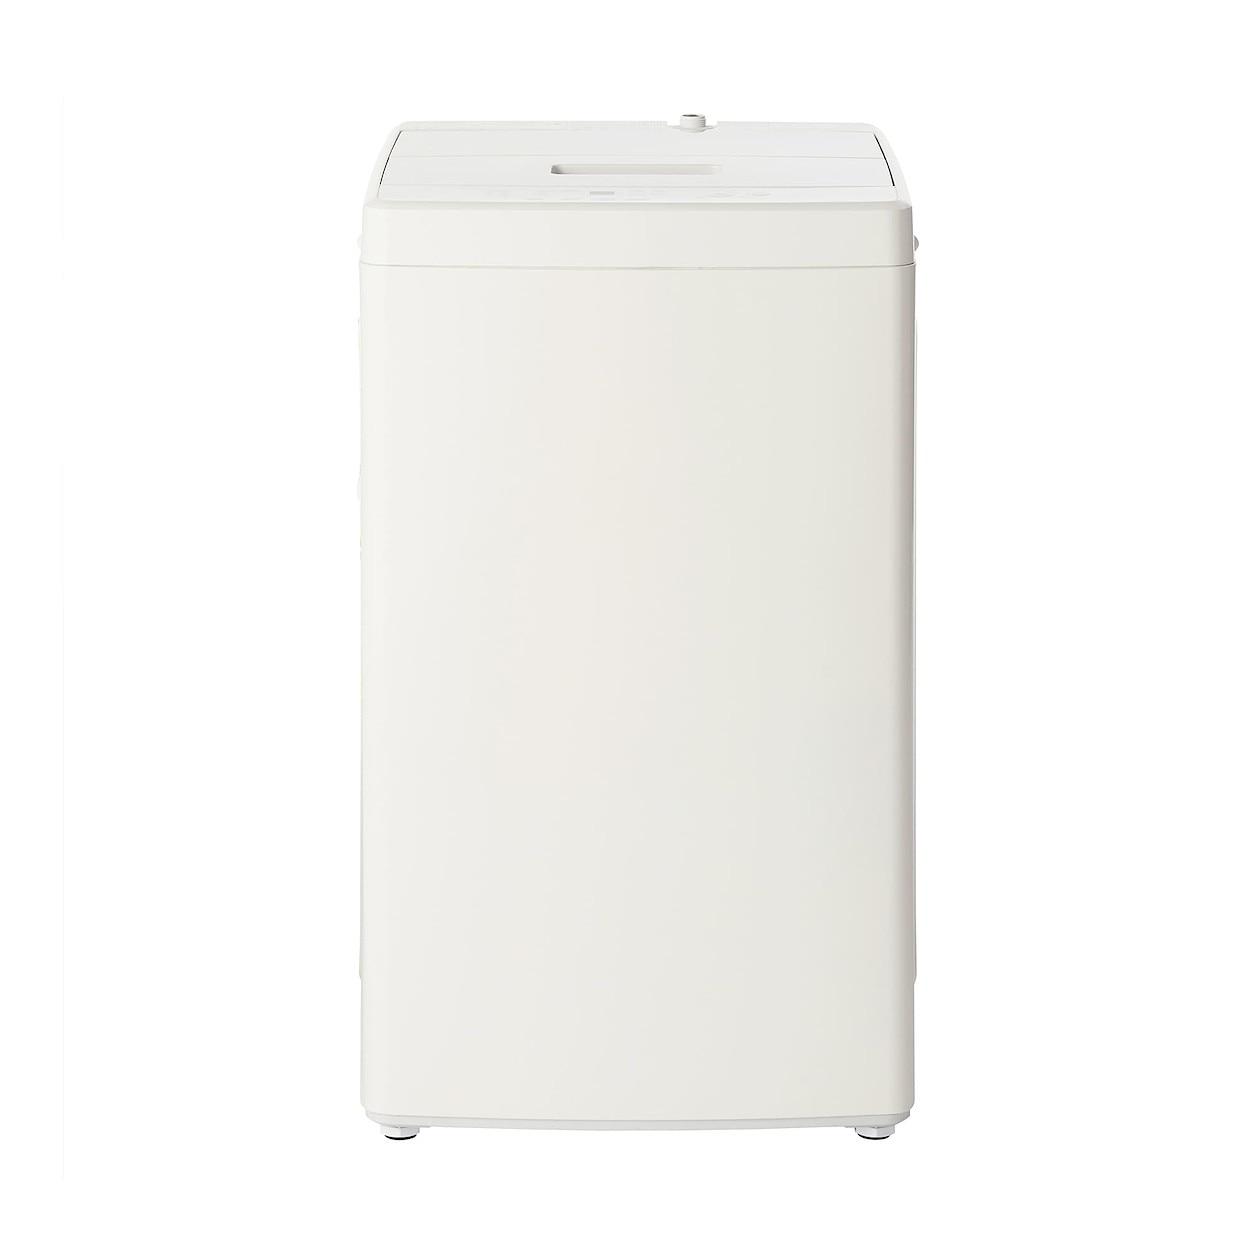 電気洗濯機・5kg